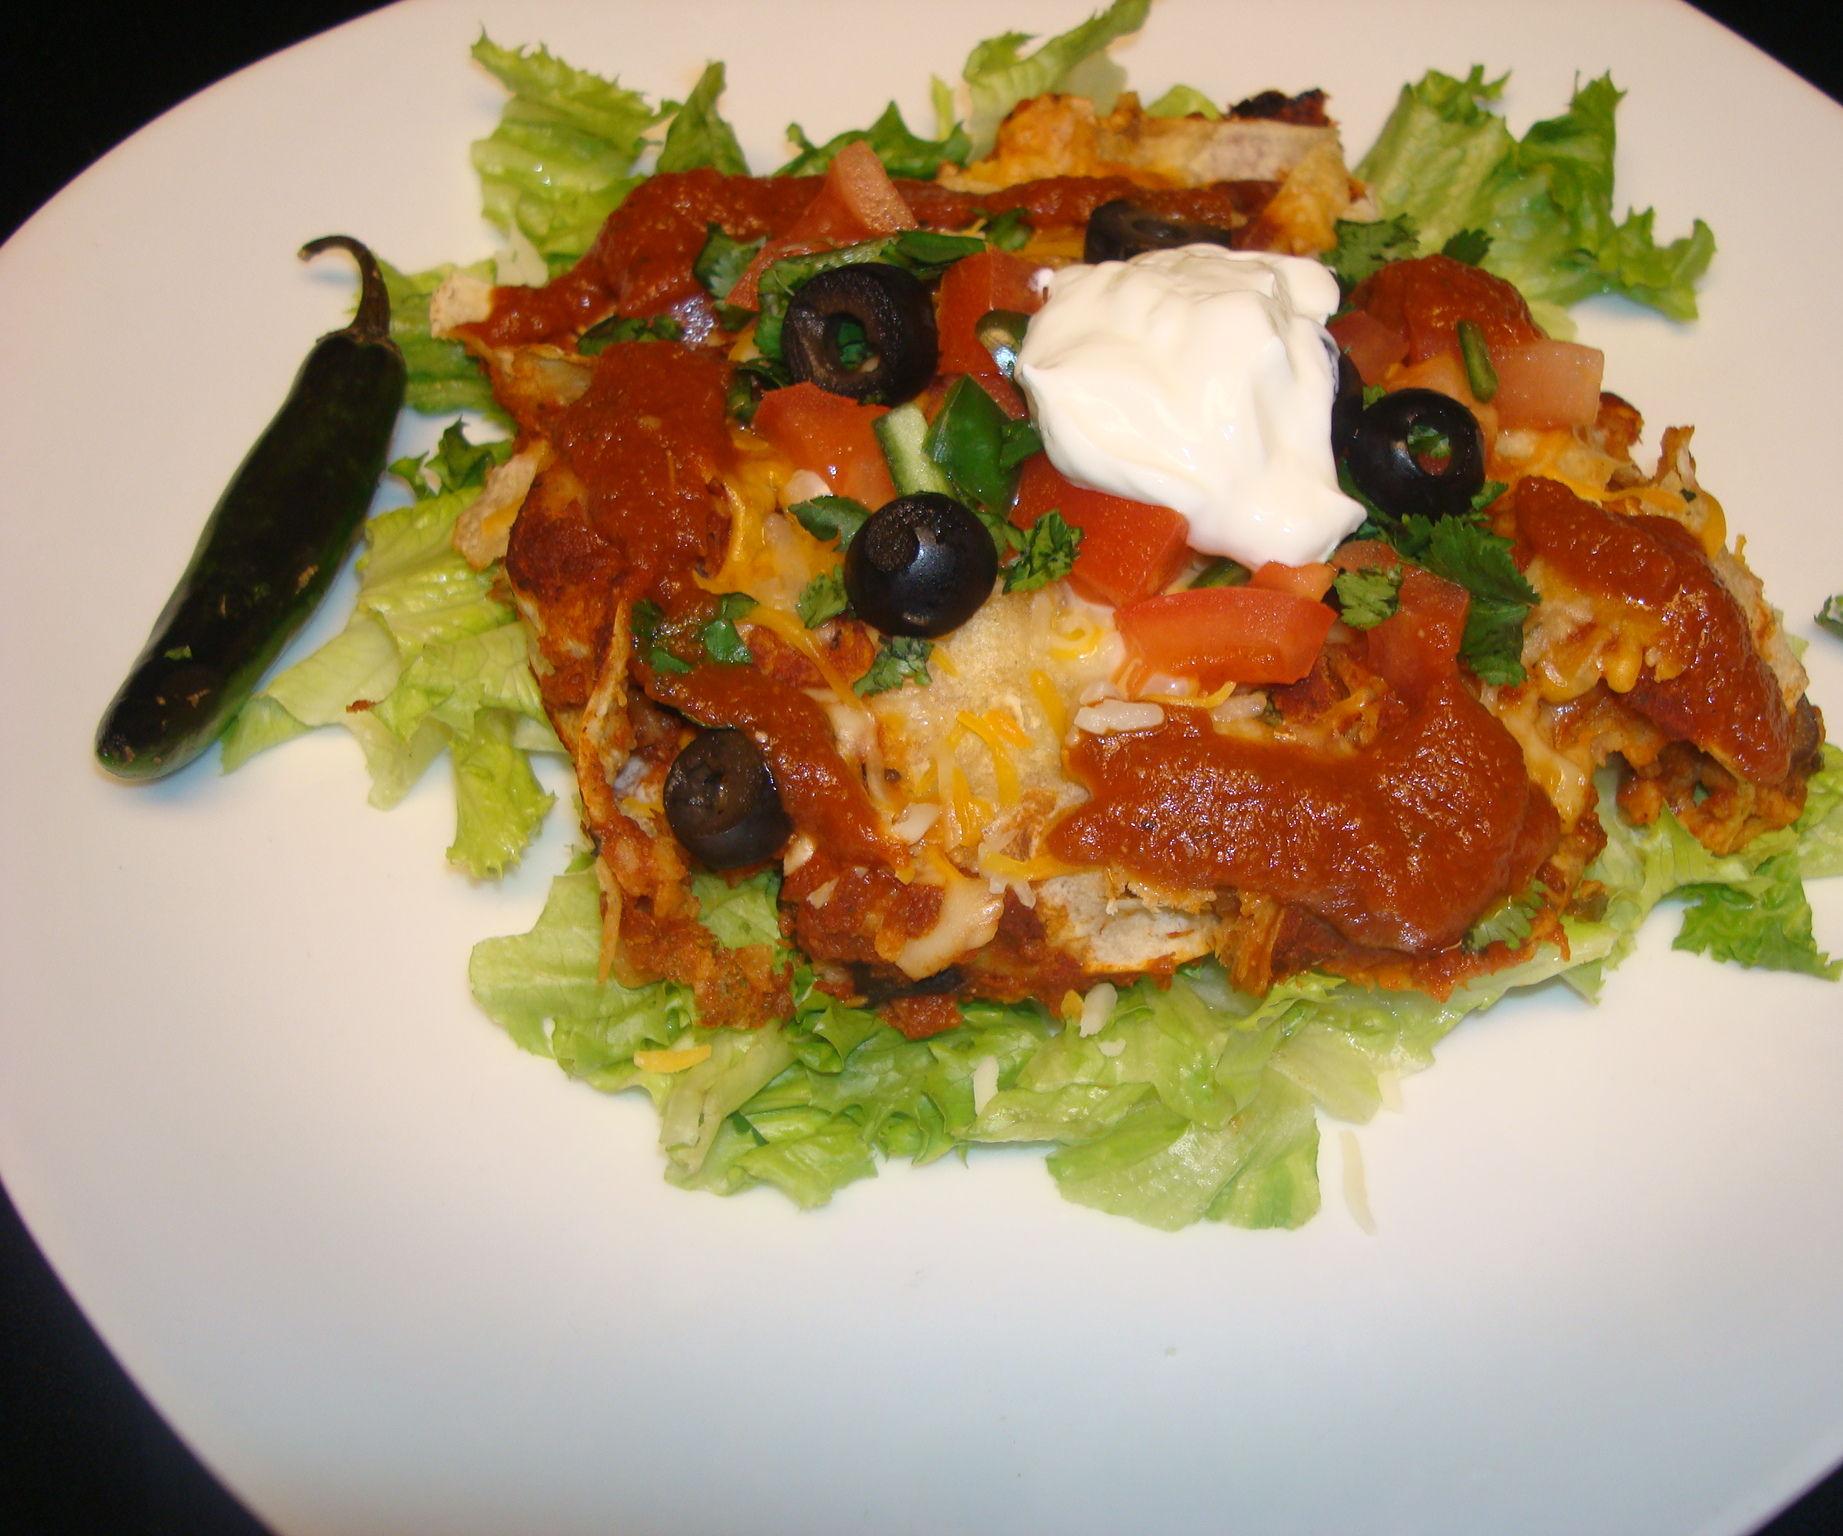 Enchiladas Made with Homemade Enchilada Sauce